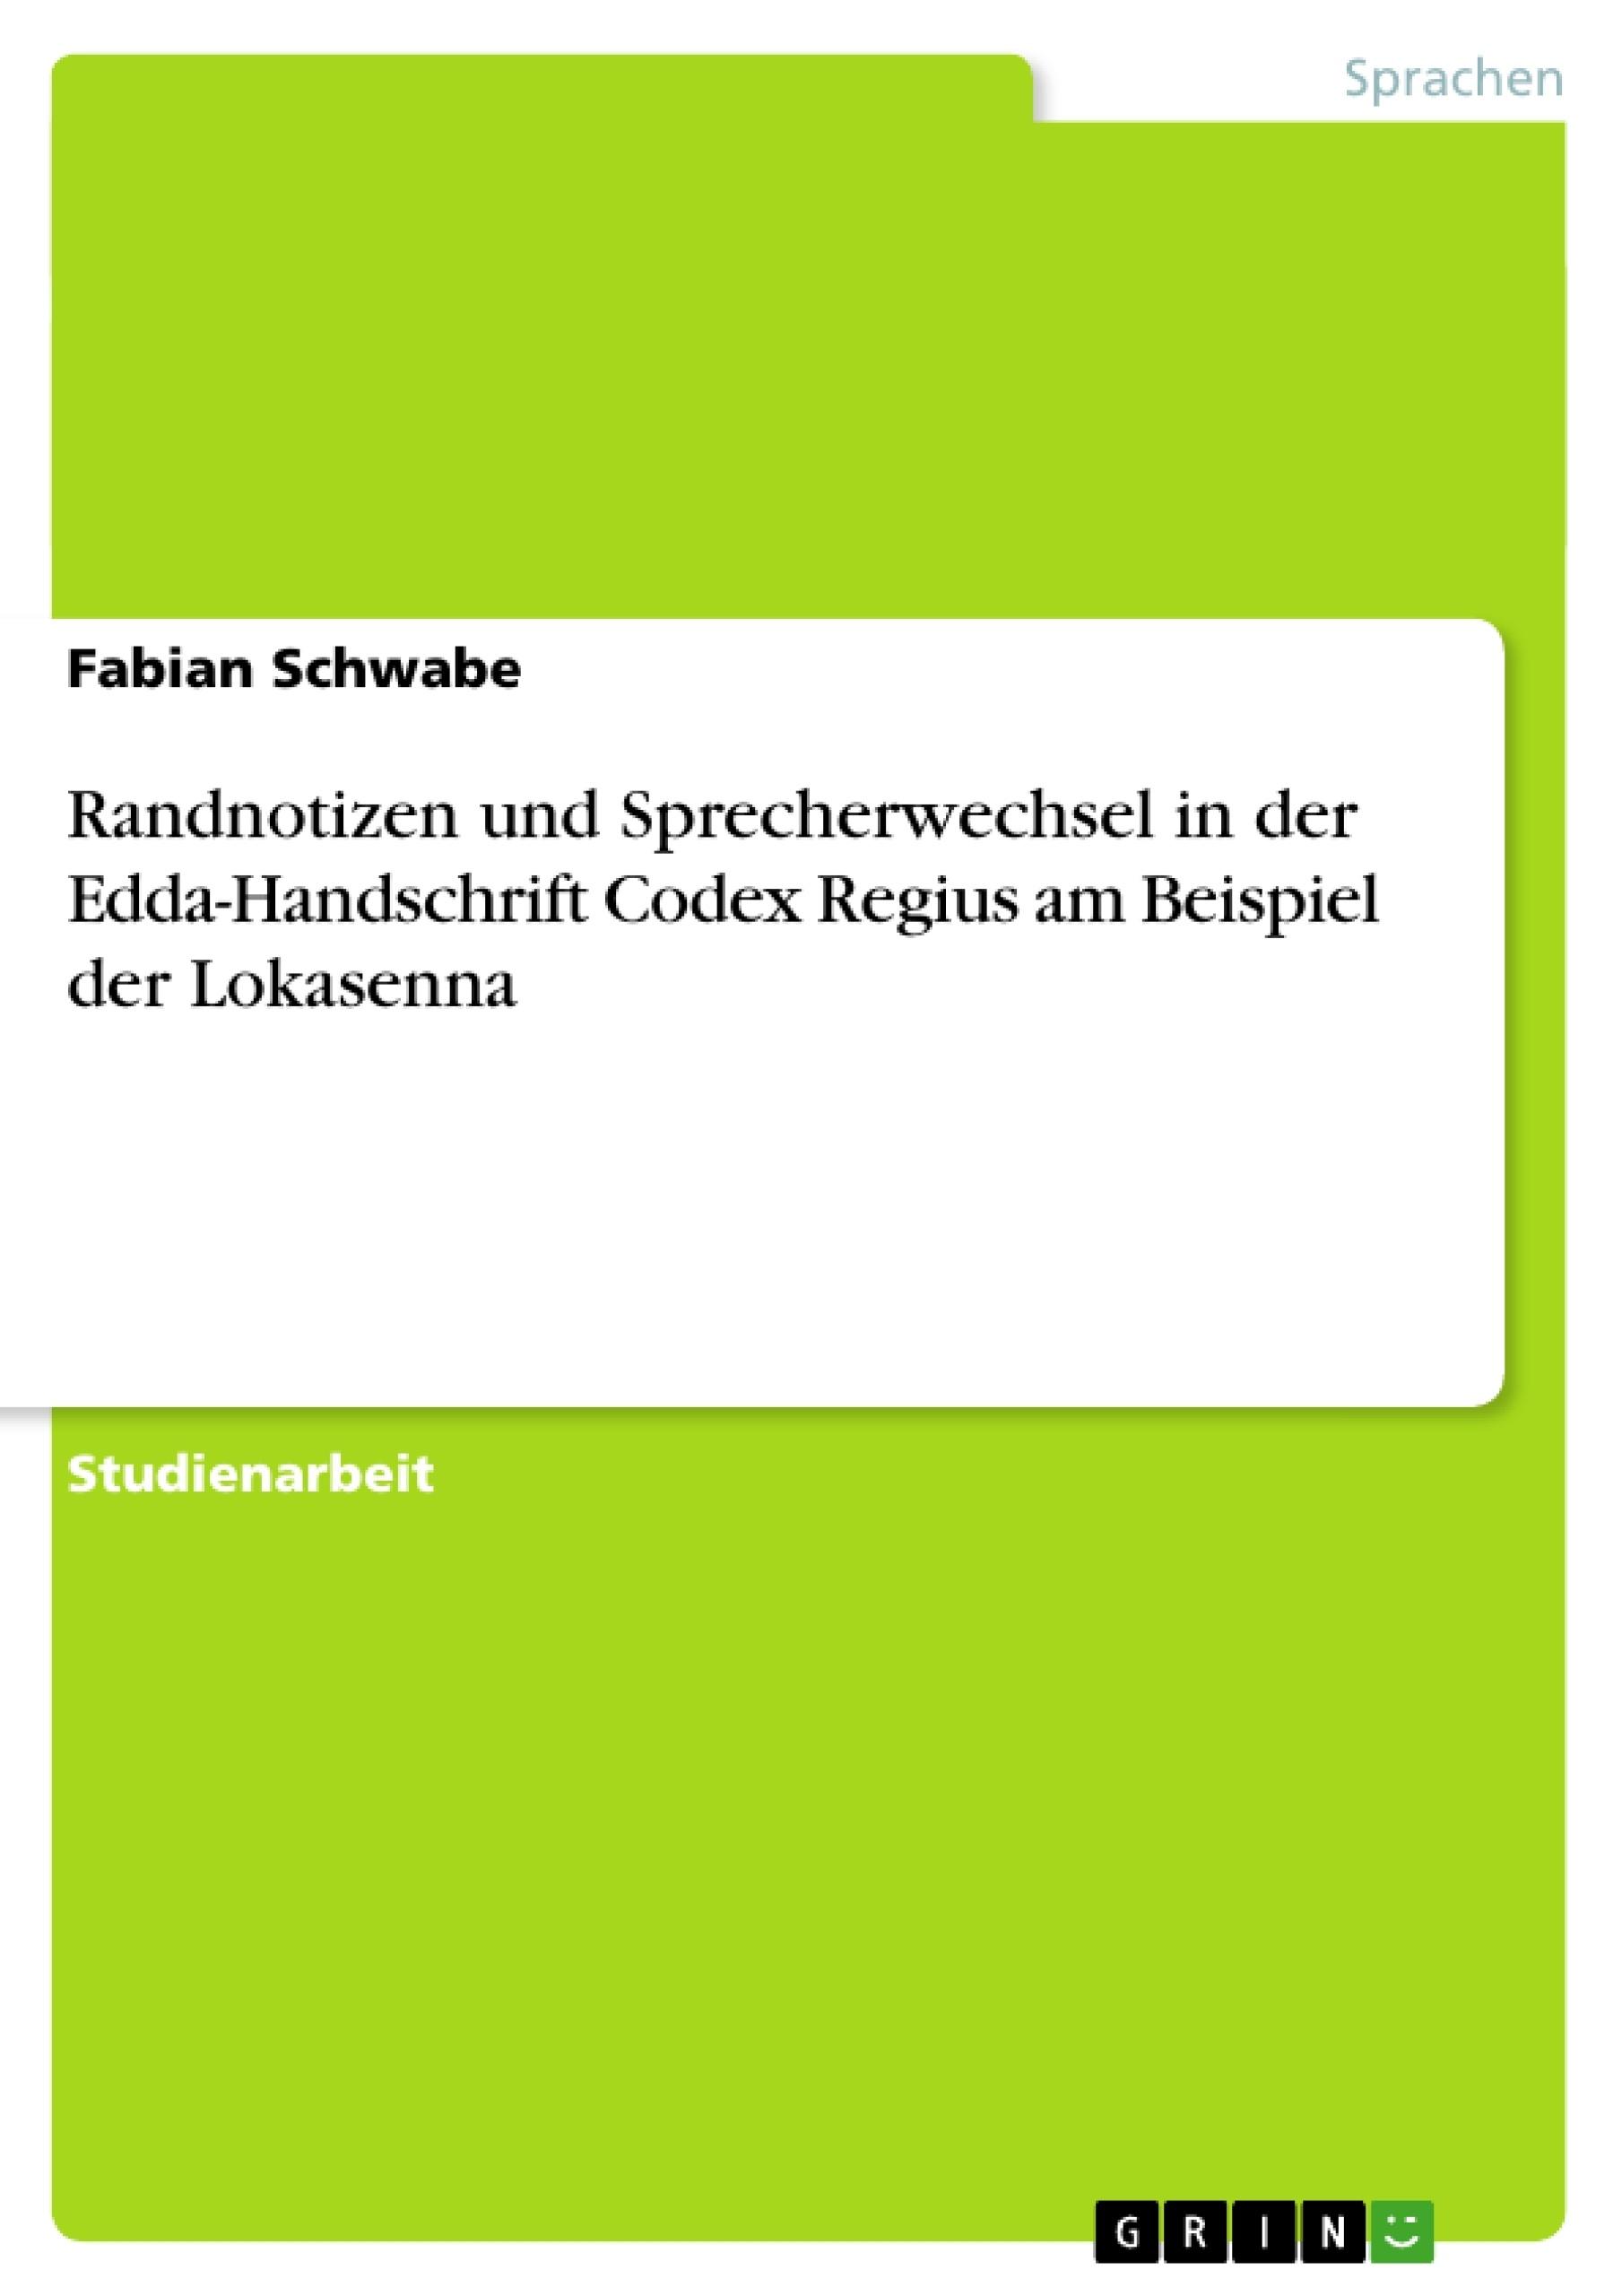 Titel: Randnotizen und Sprecherwechsel in der Edda-Handschrift Codex Regius am Beispiel der Lokasenna